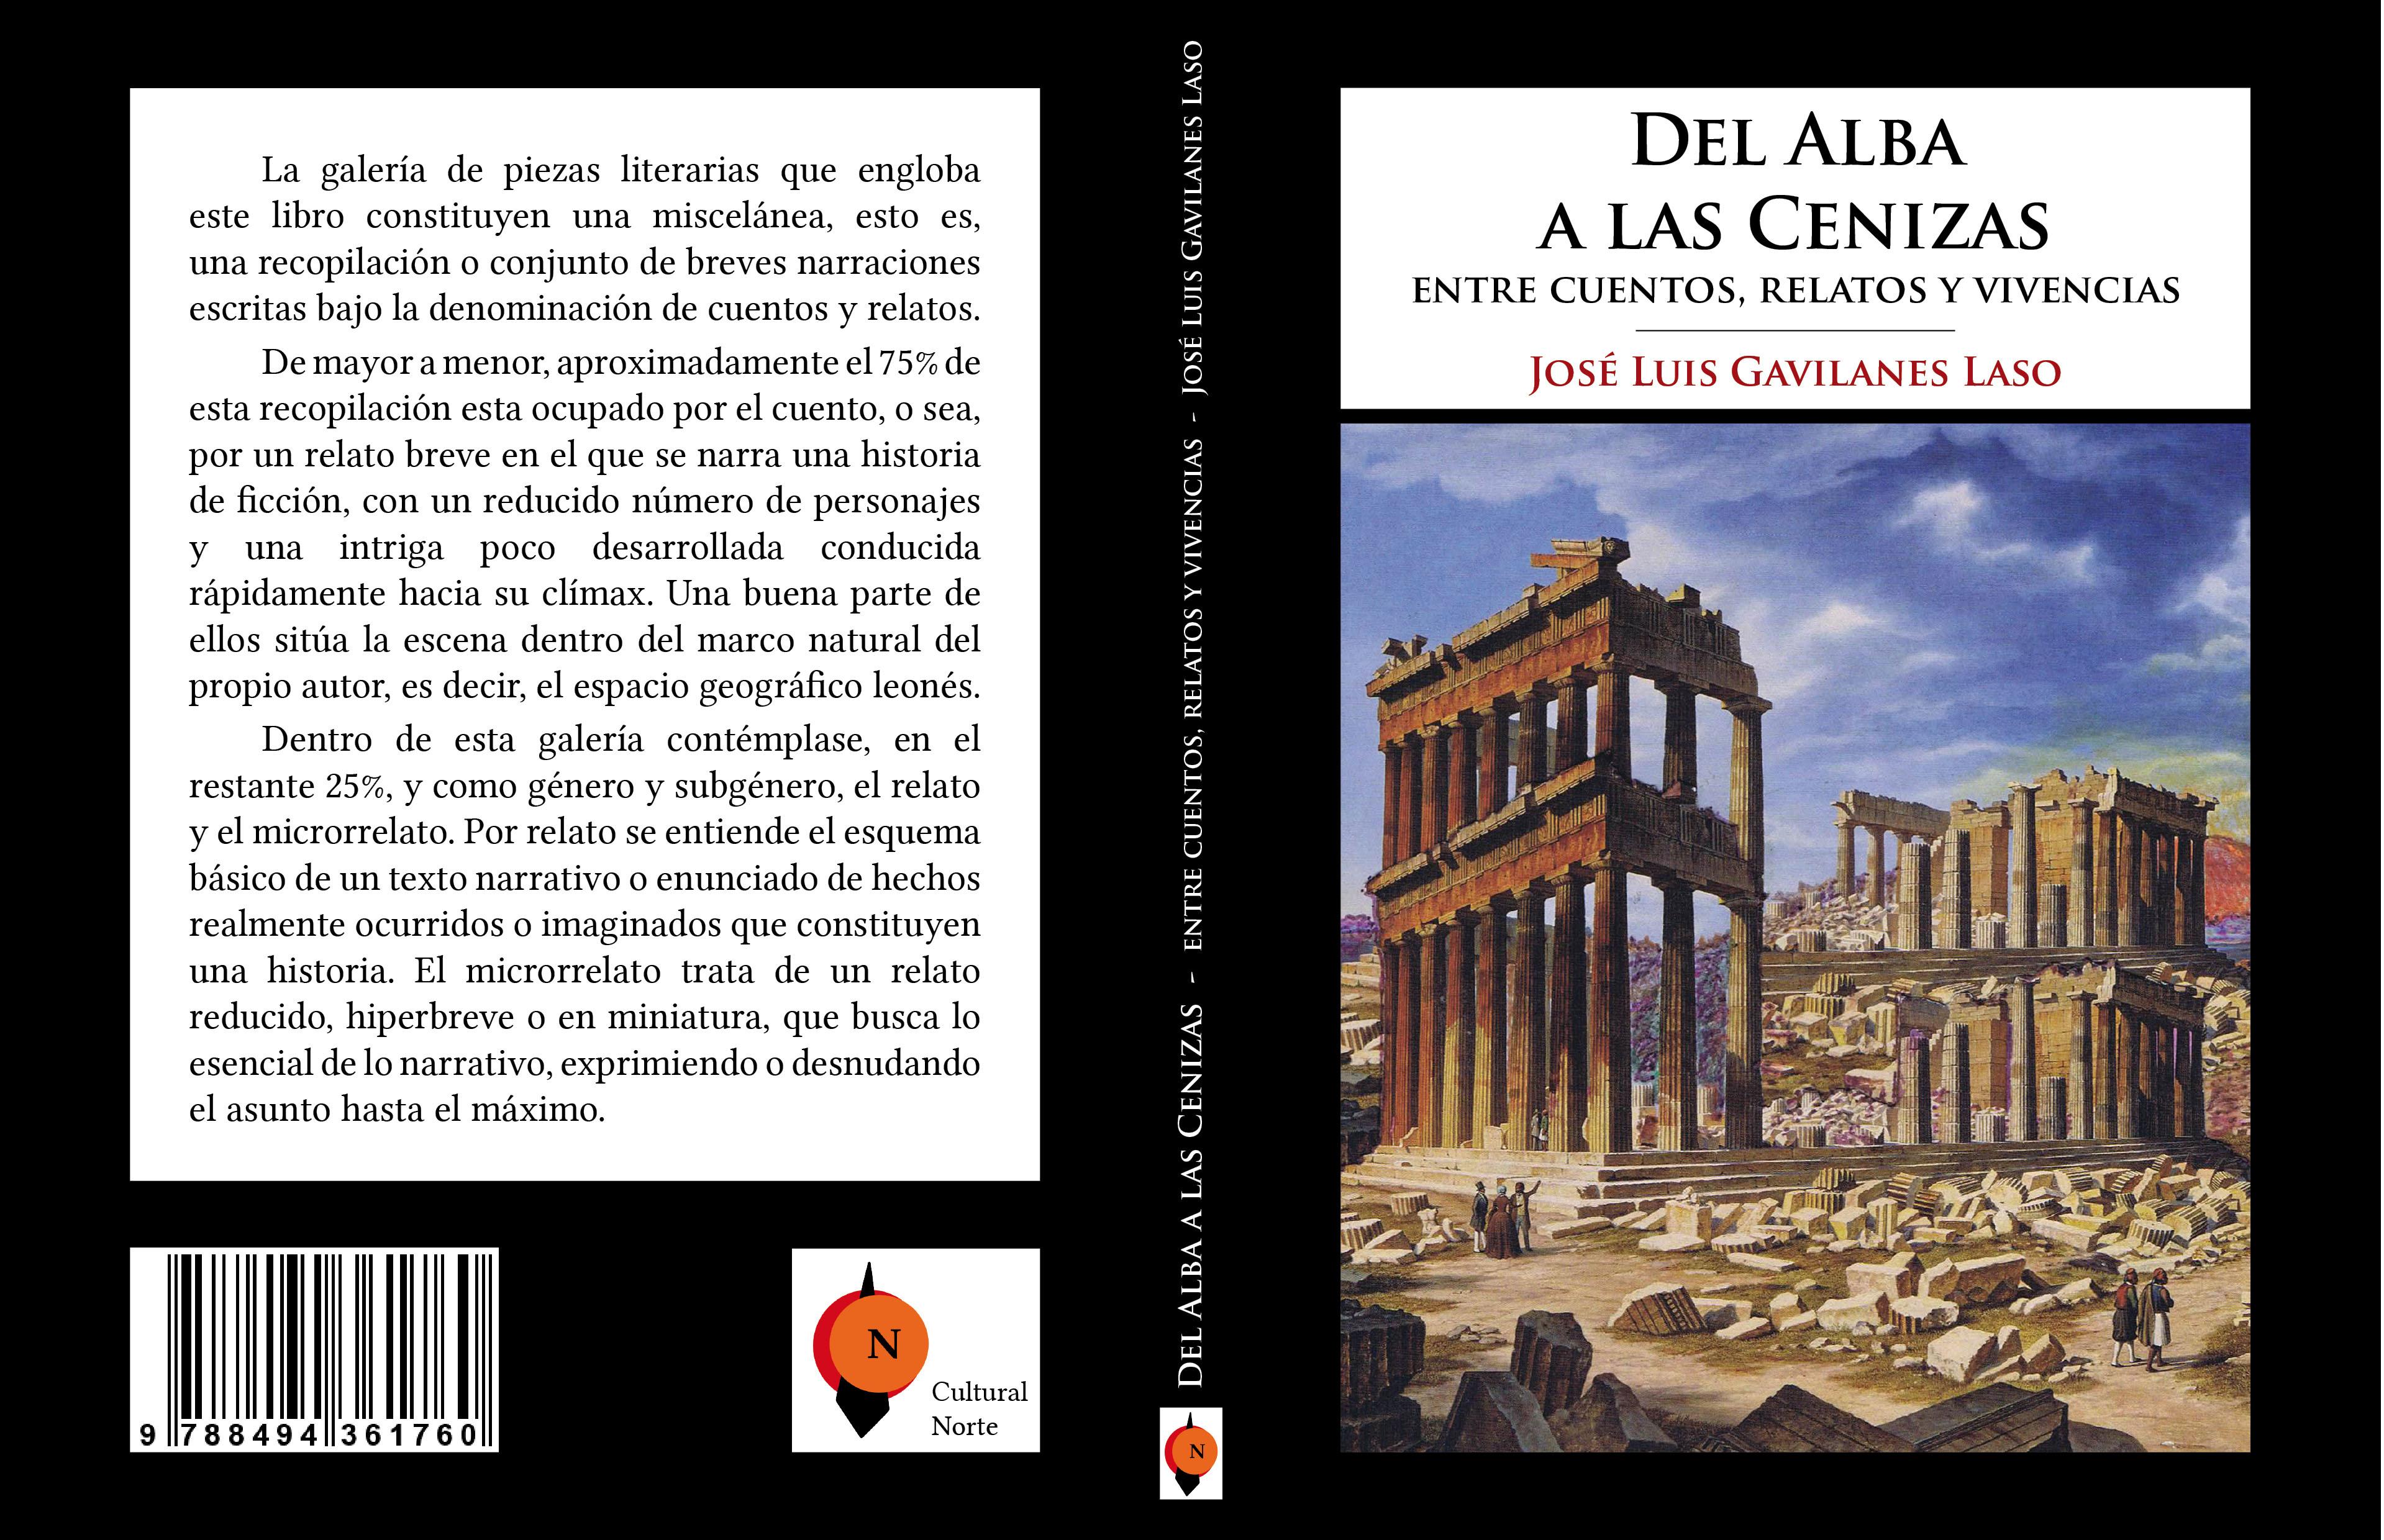 CARATULA LIBRO DEL ALBA A LAS CENIZAS